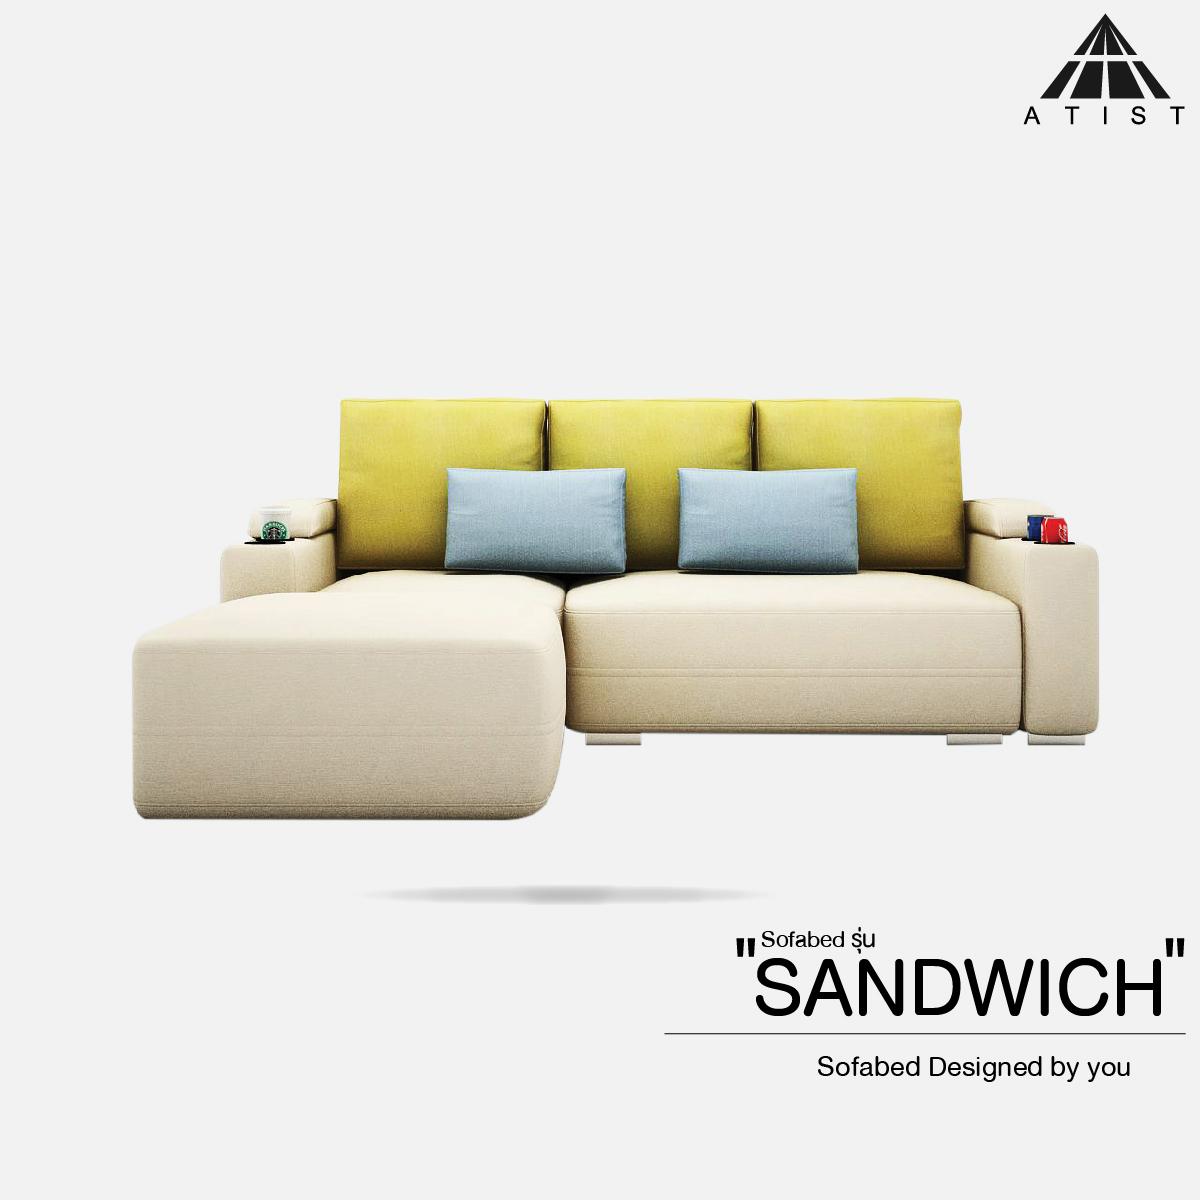 โซฟาเบด รุ่น Sandwich